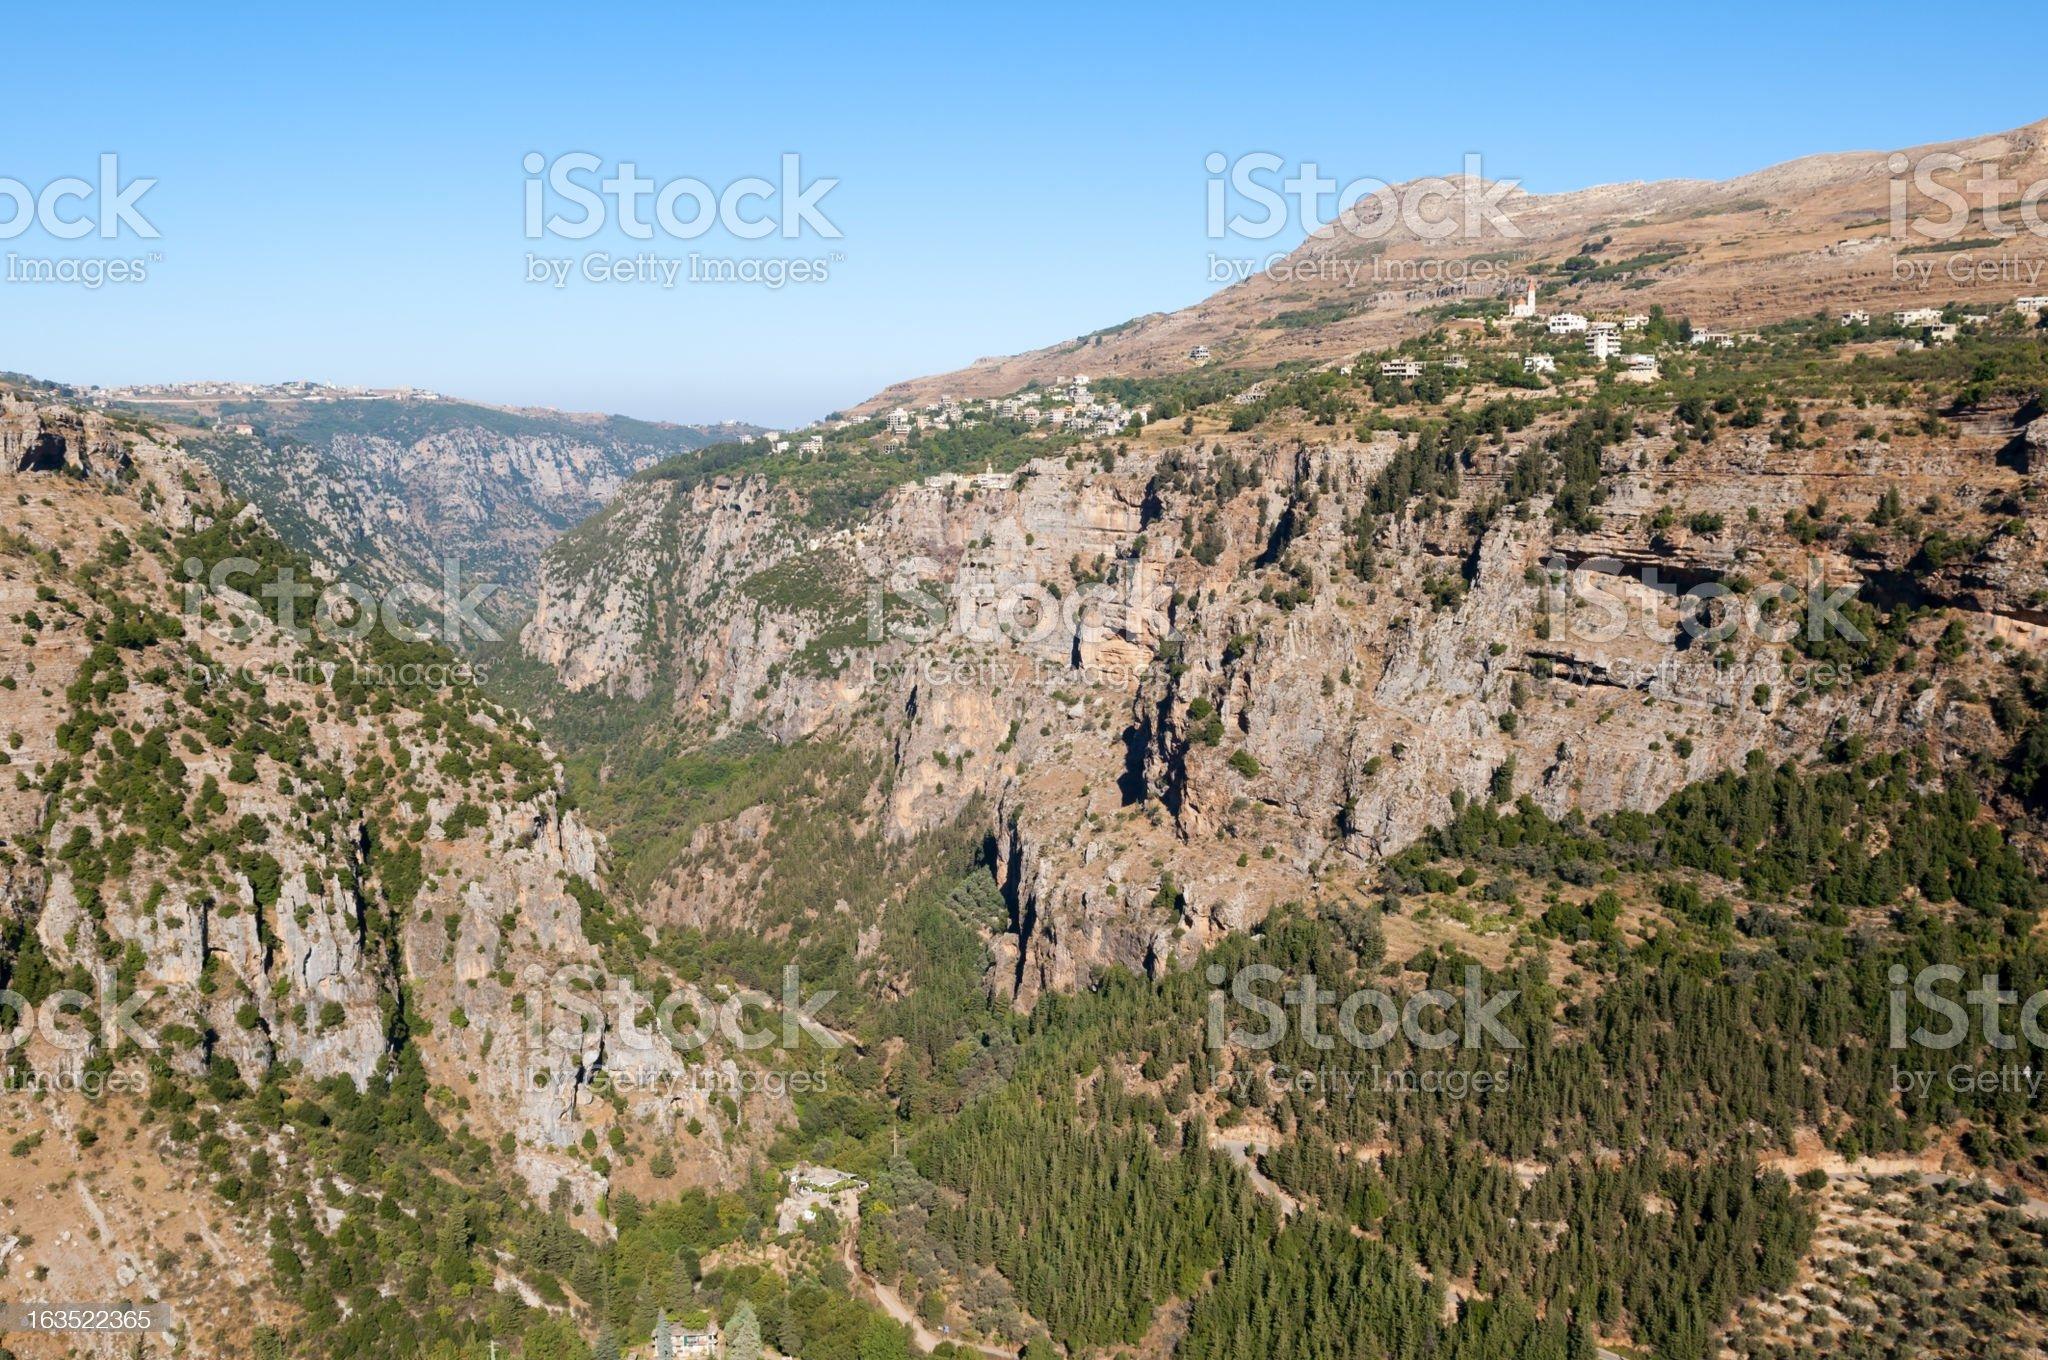 Lebanon's Qadisha Valley landscape royalty-free stock photo